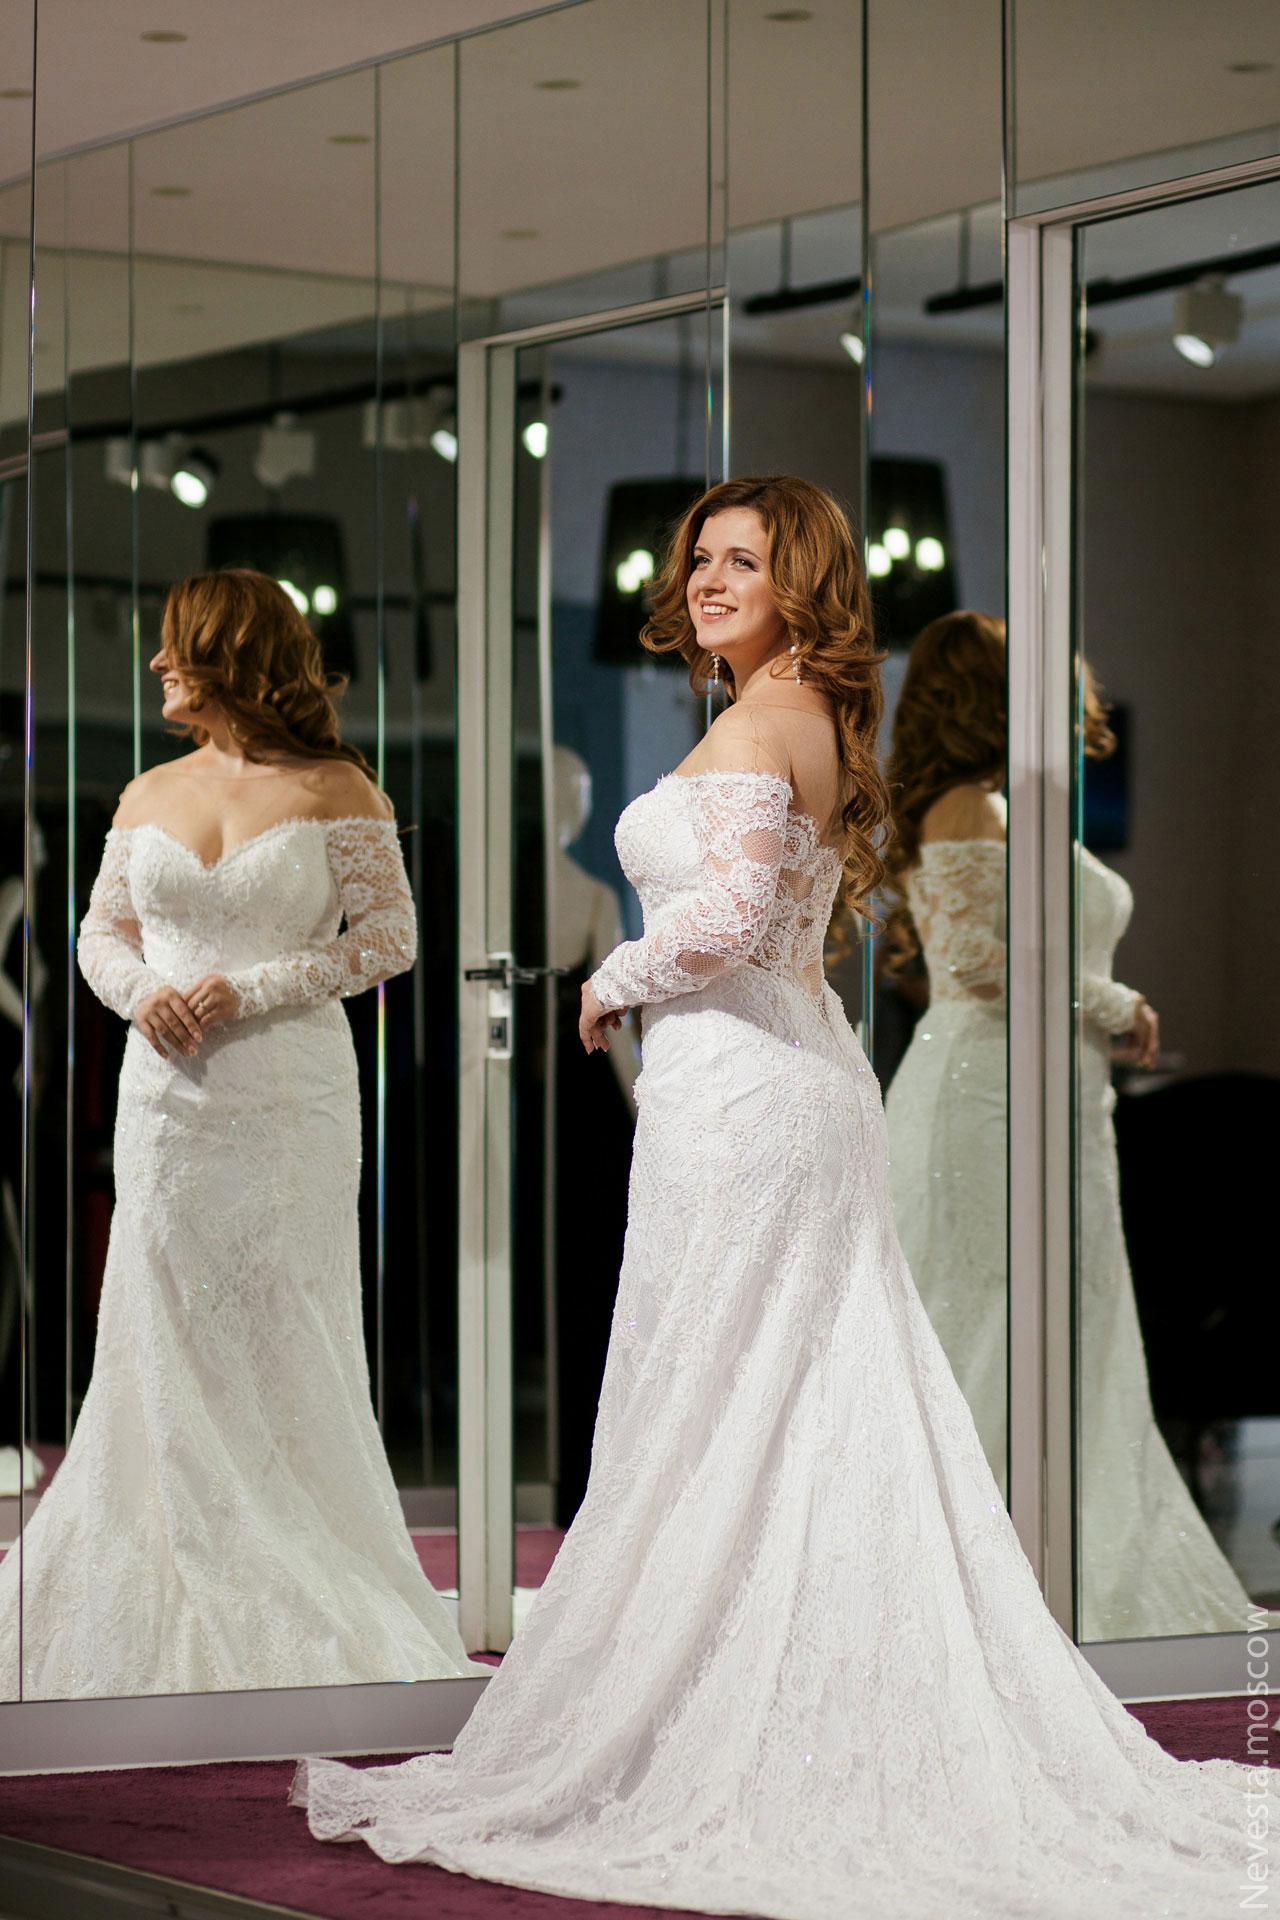 Анастасия Денисова выбирает образ для своей свадьбы фото 10